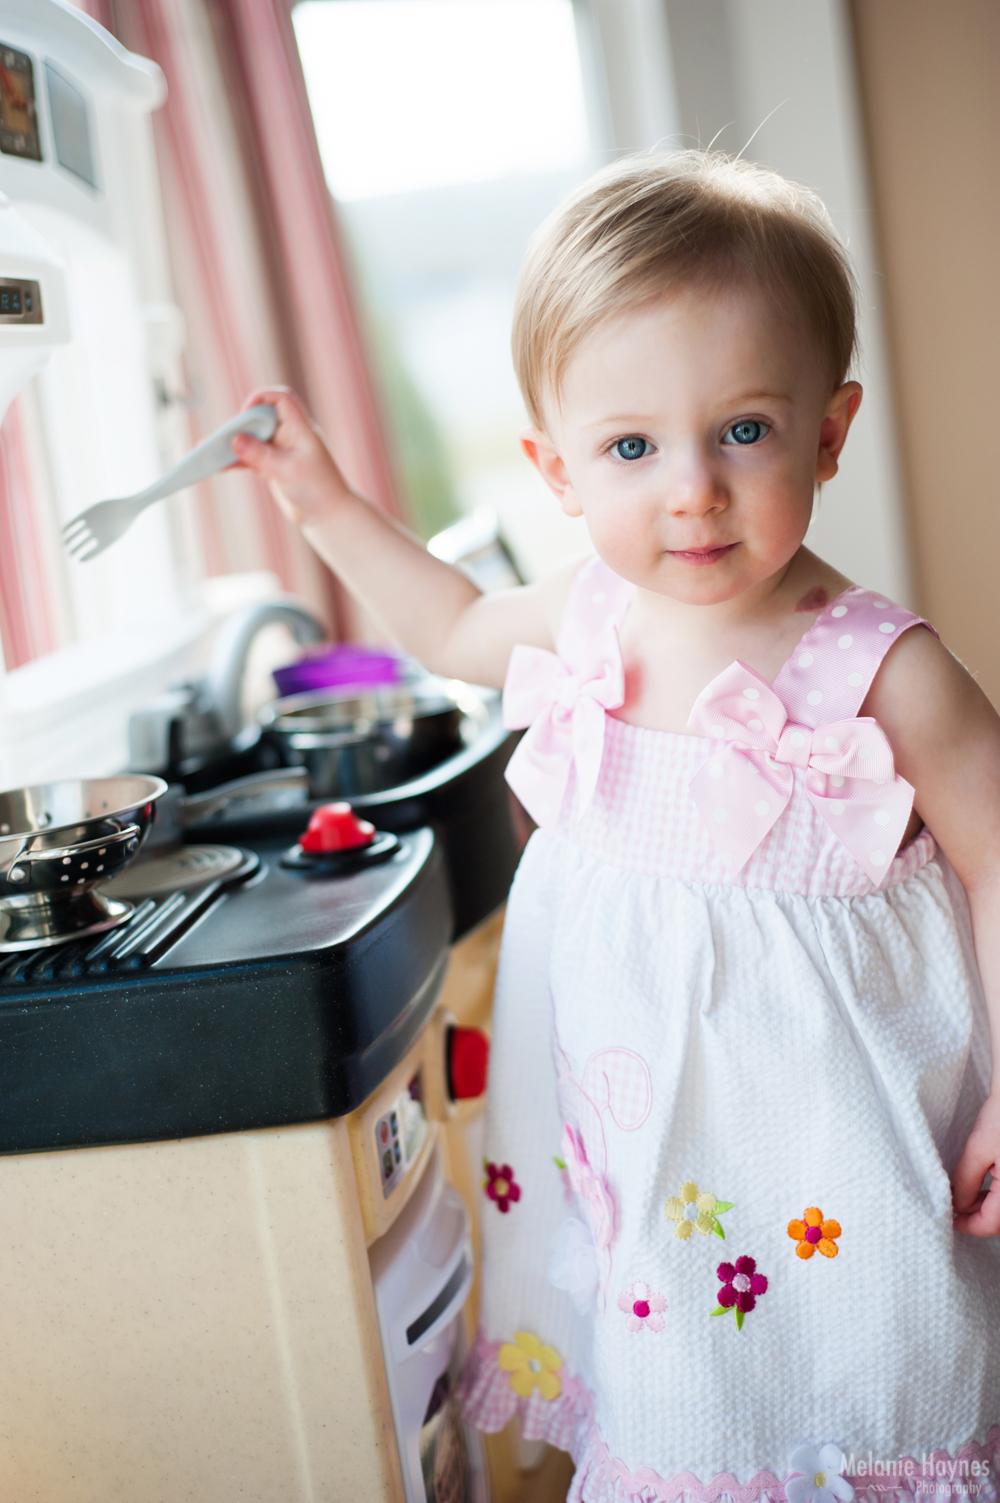 mhaynesphoto_childrensphotography_m3